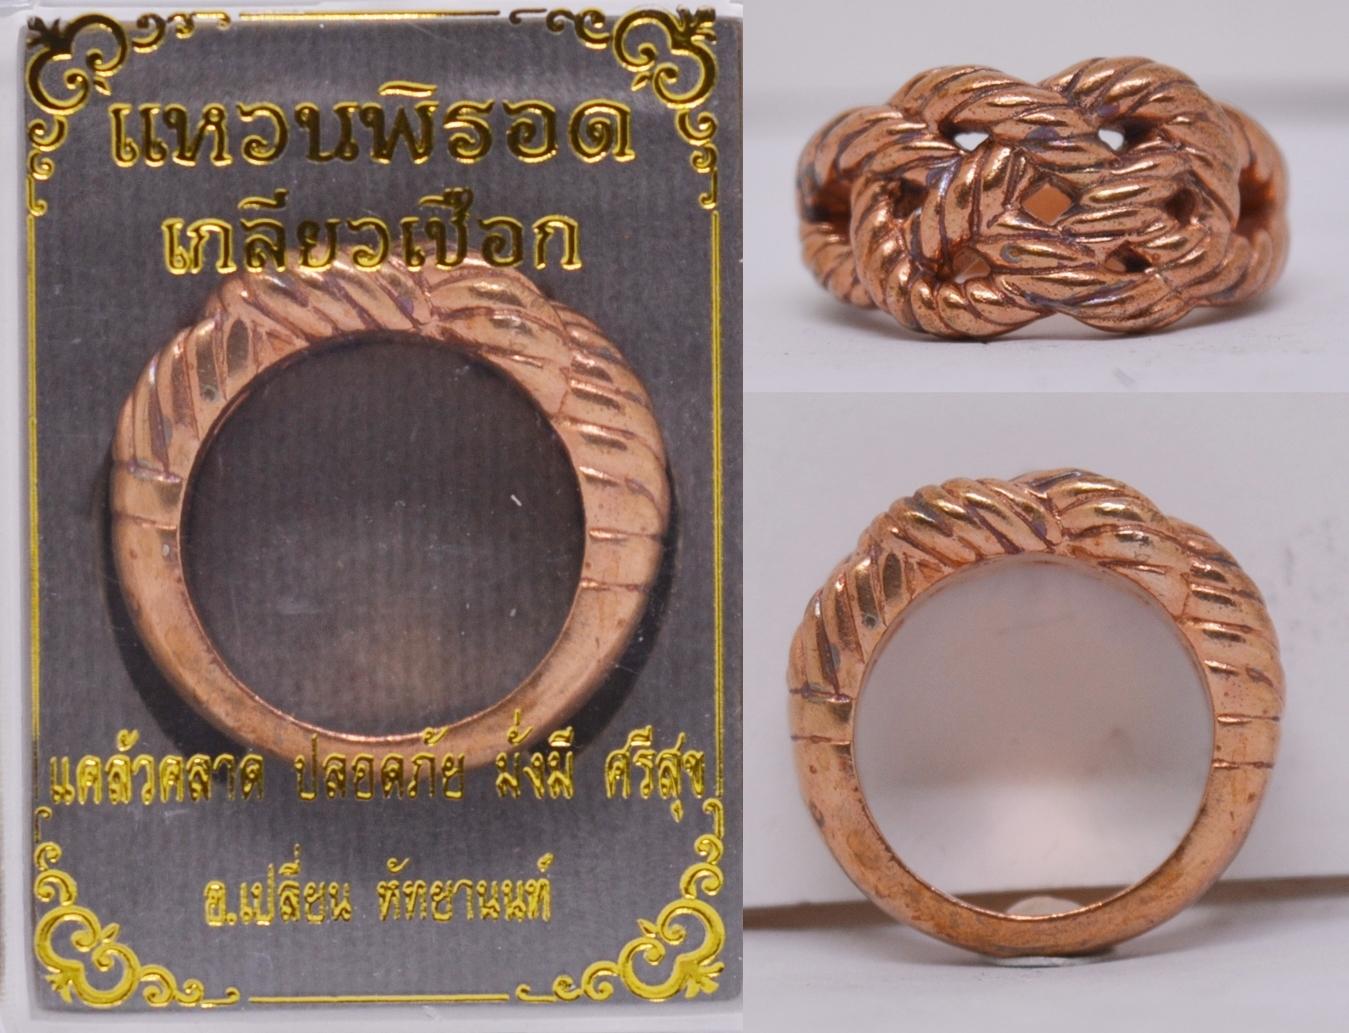 แหวนพิรอดเกลียวเชือก เนื้อทองแดง อาจารย์เปลี่ยน หัทยานนท์ 2563